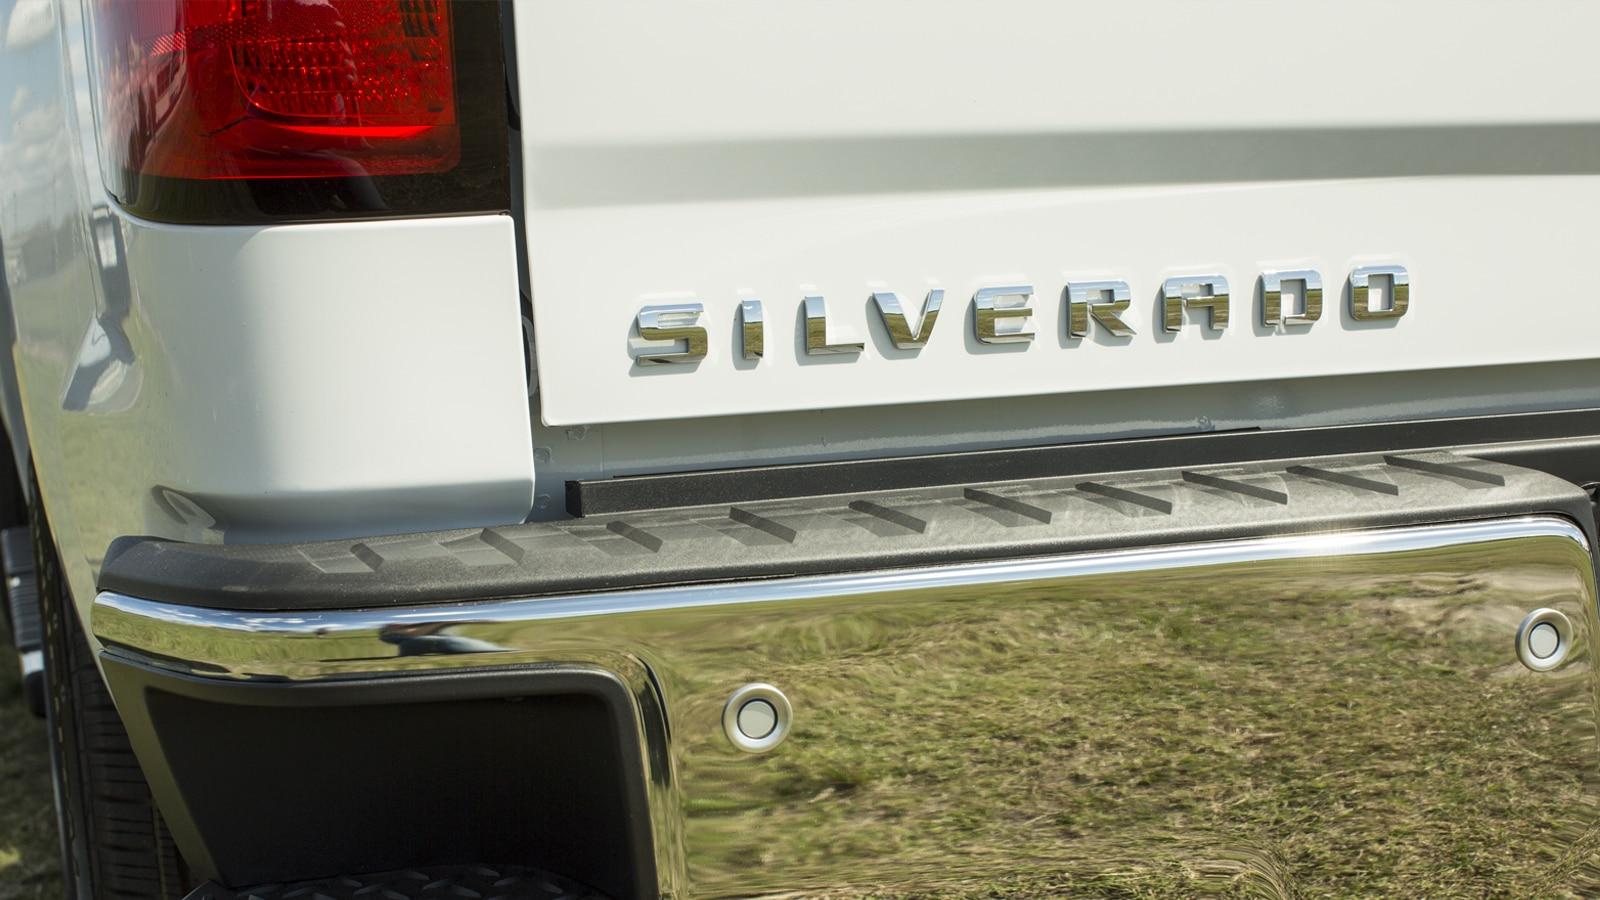 Primer plano del emblema de la Silverado sobre la puerta trasera de una camioneta blanca.